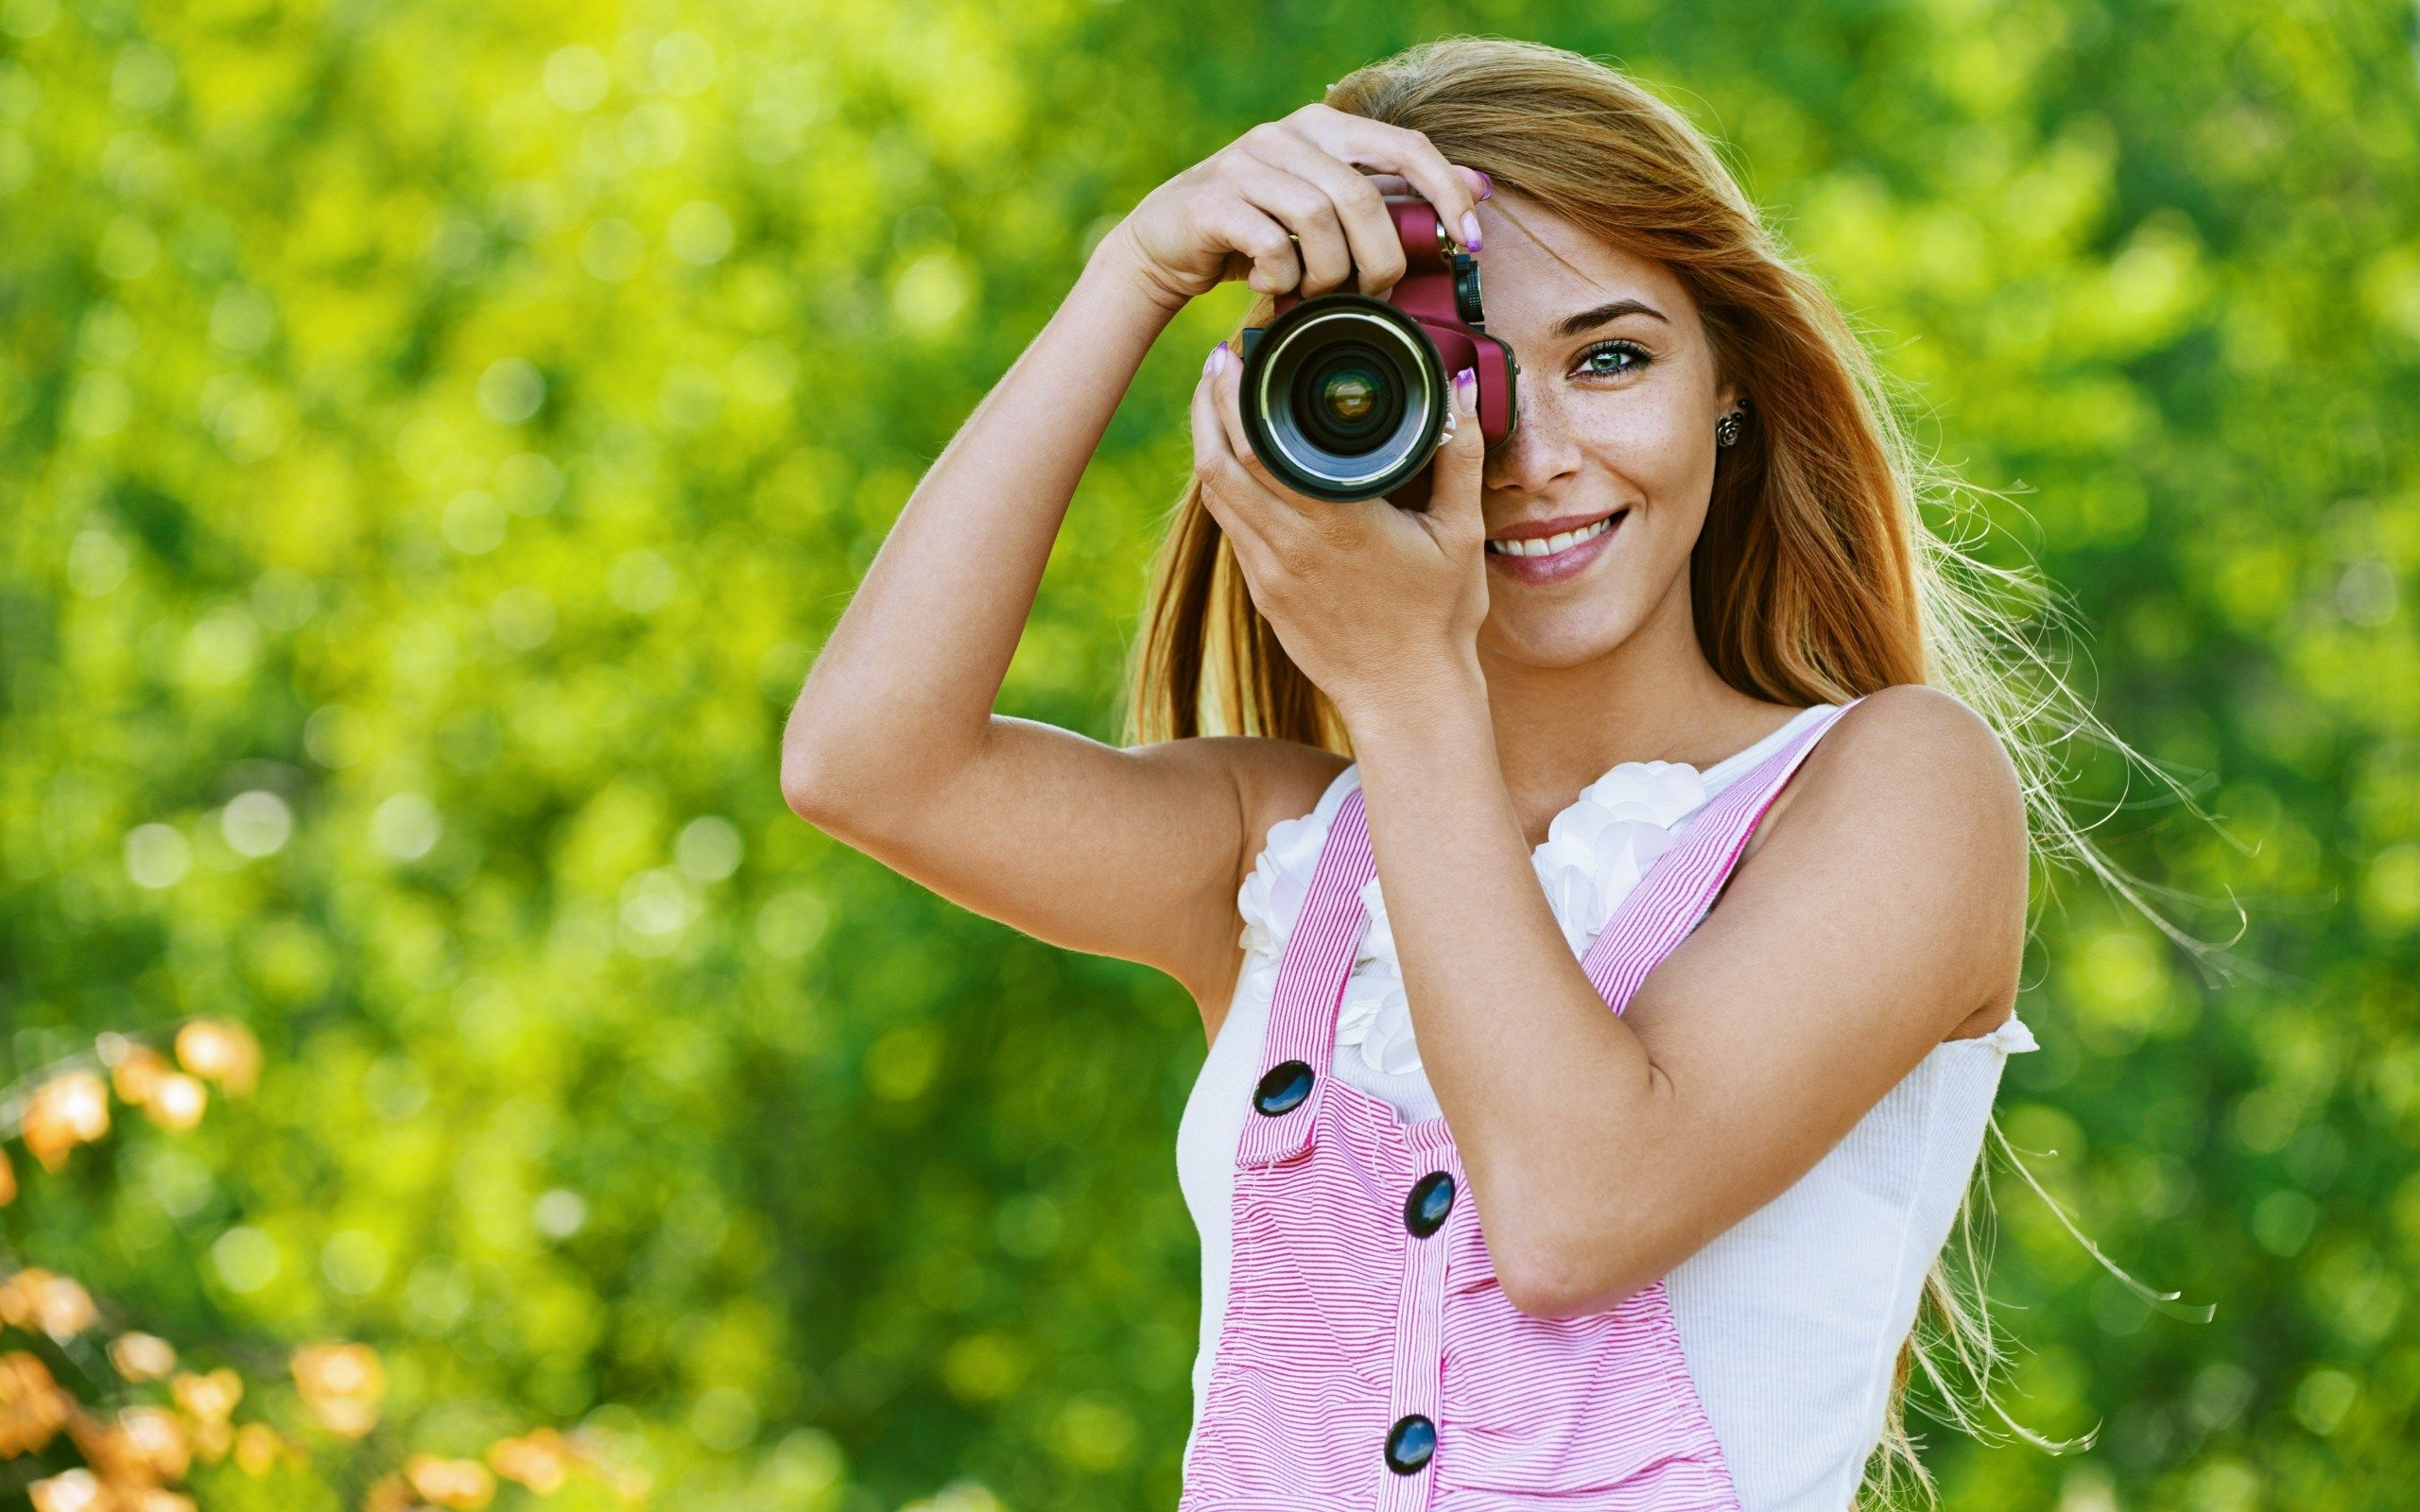 Girl Dslr Camera Green Nature Bokeh Hd Wallpaper Cool Wallpapers